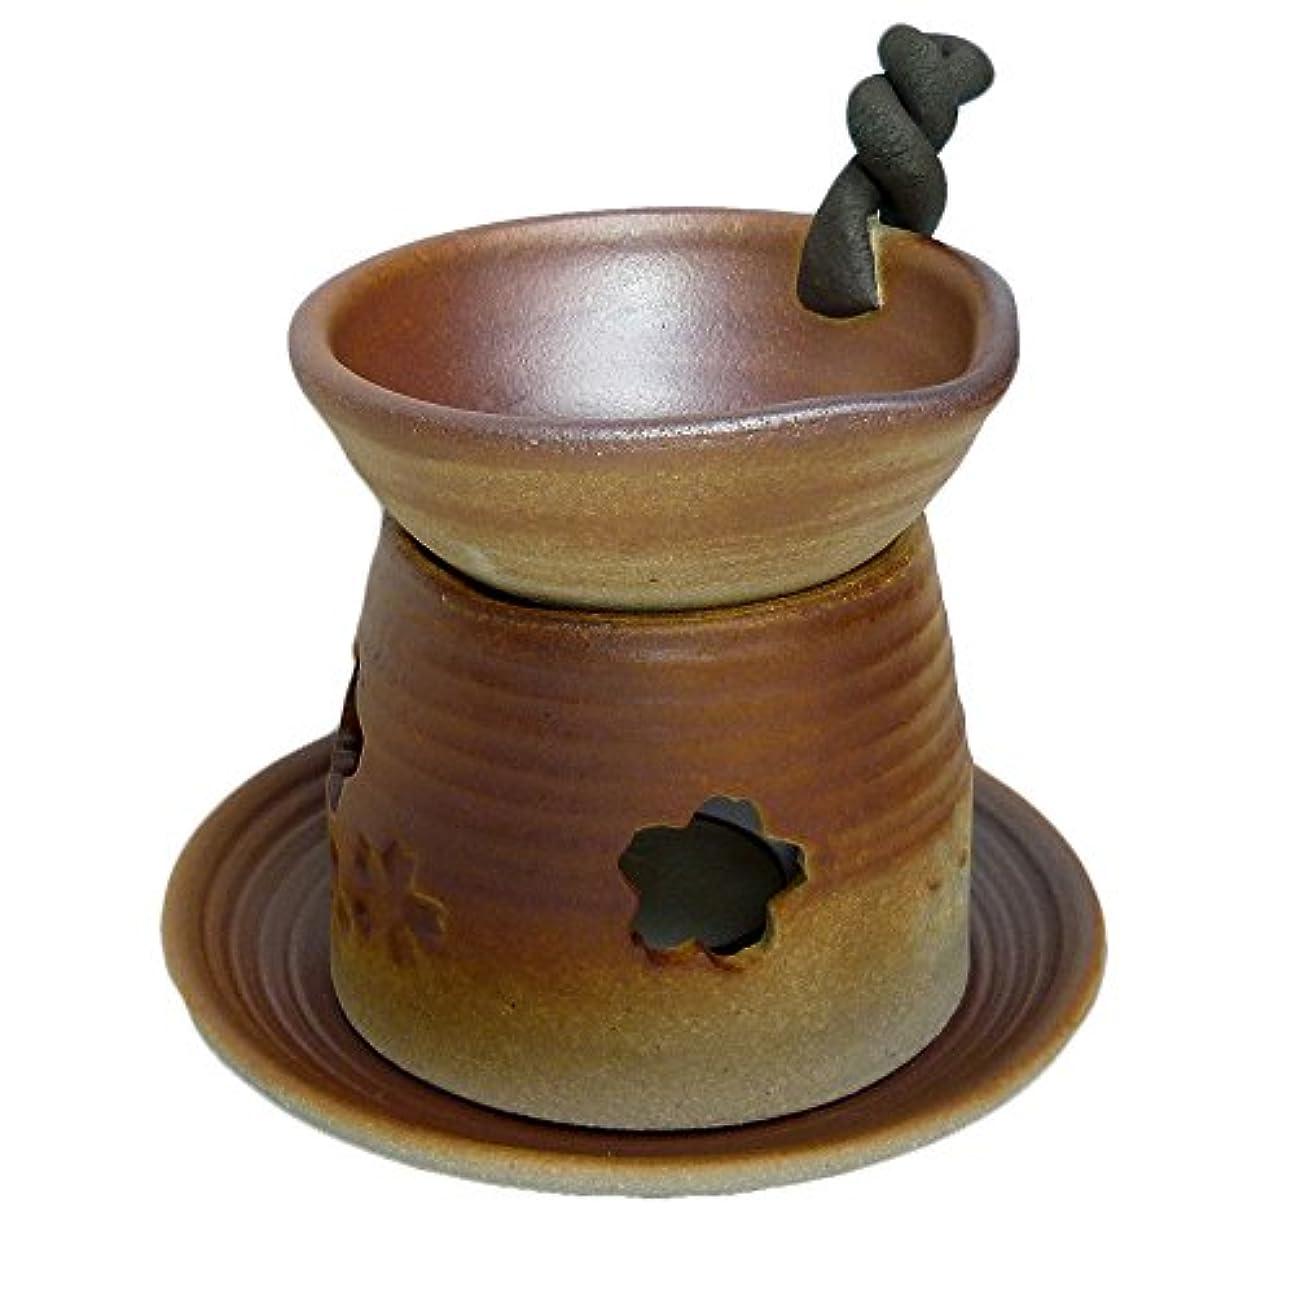 すべき議会アルミニウム香炉 錆吹き 手付茶香炉 [H13.5cm] HANDMADE プレゼント ギフト 和食器 かわいい インテリア